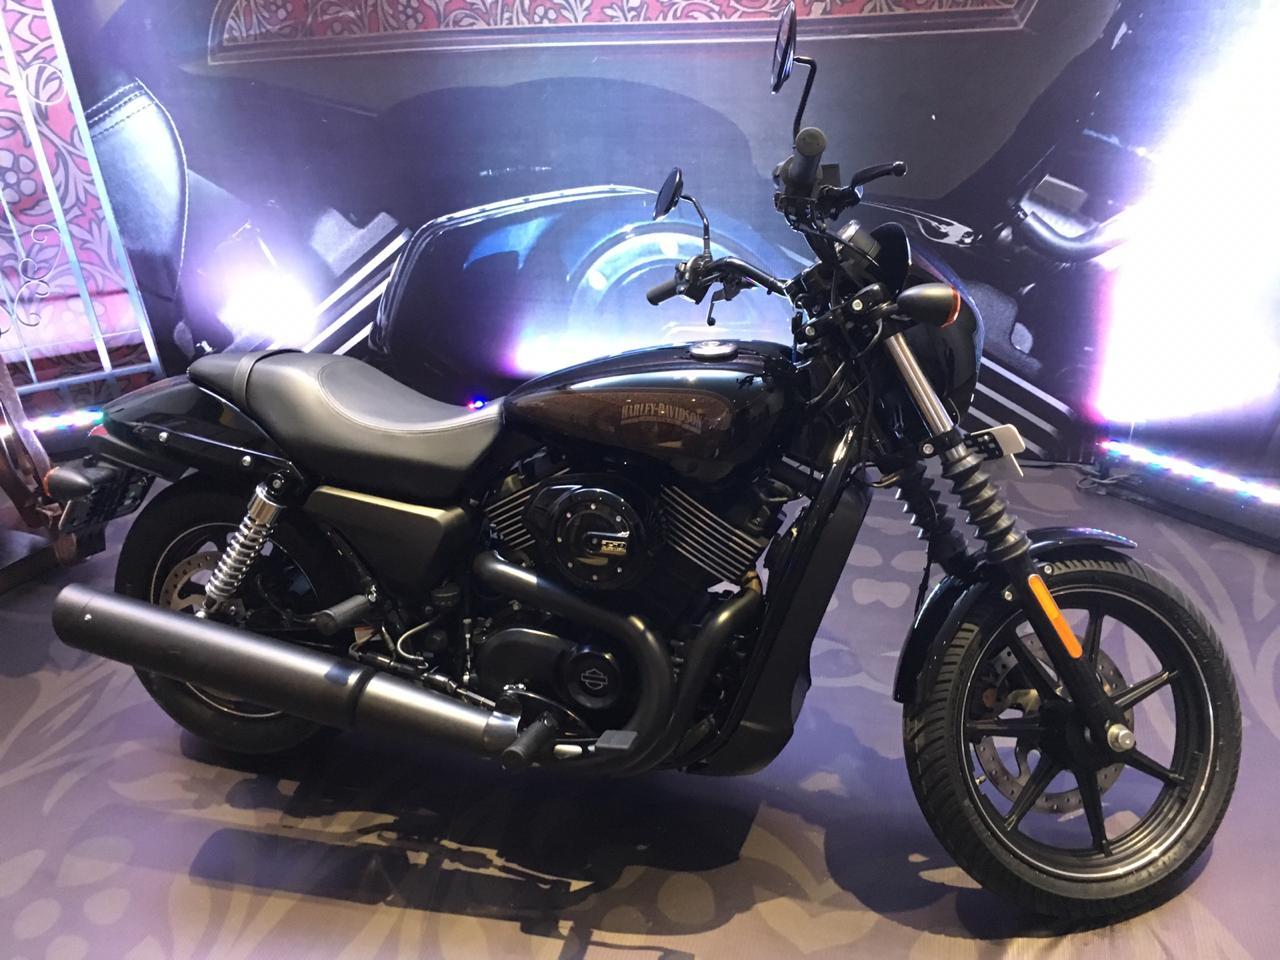 Harley-Davidson-Street-750-BS6-Motorcyclediaries